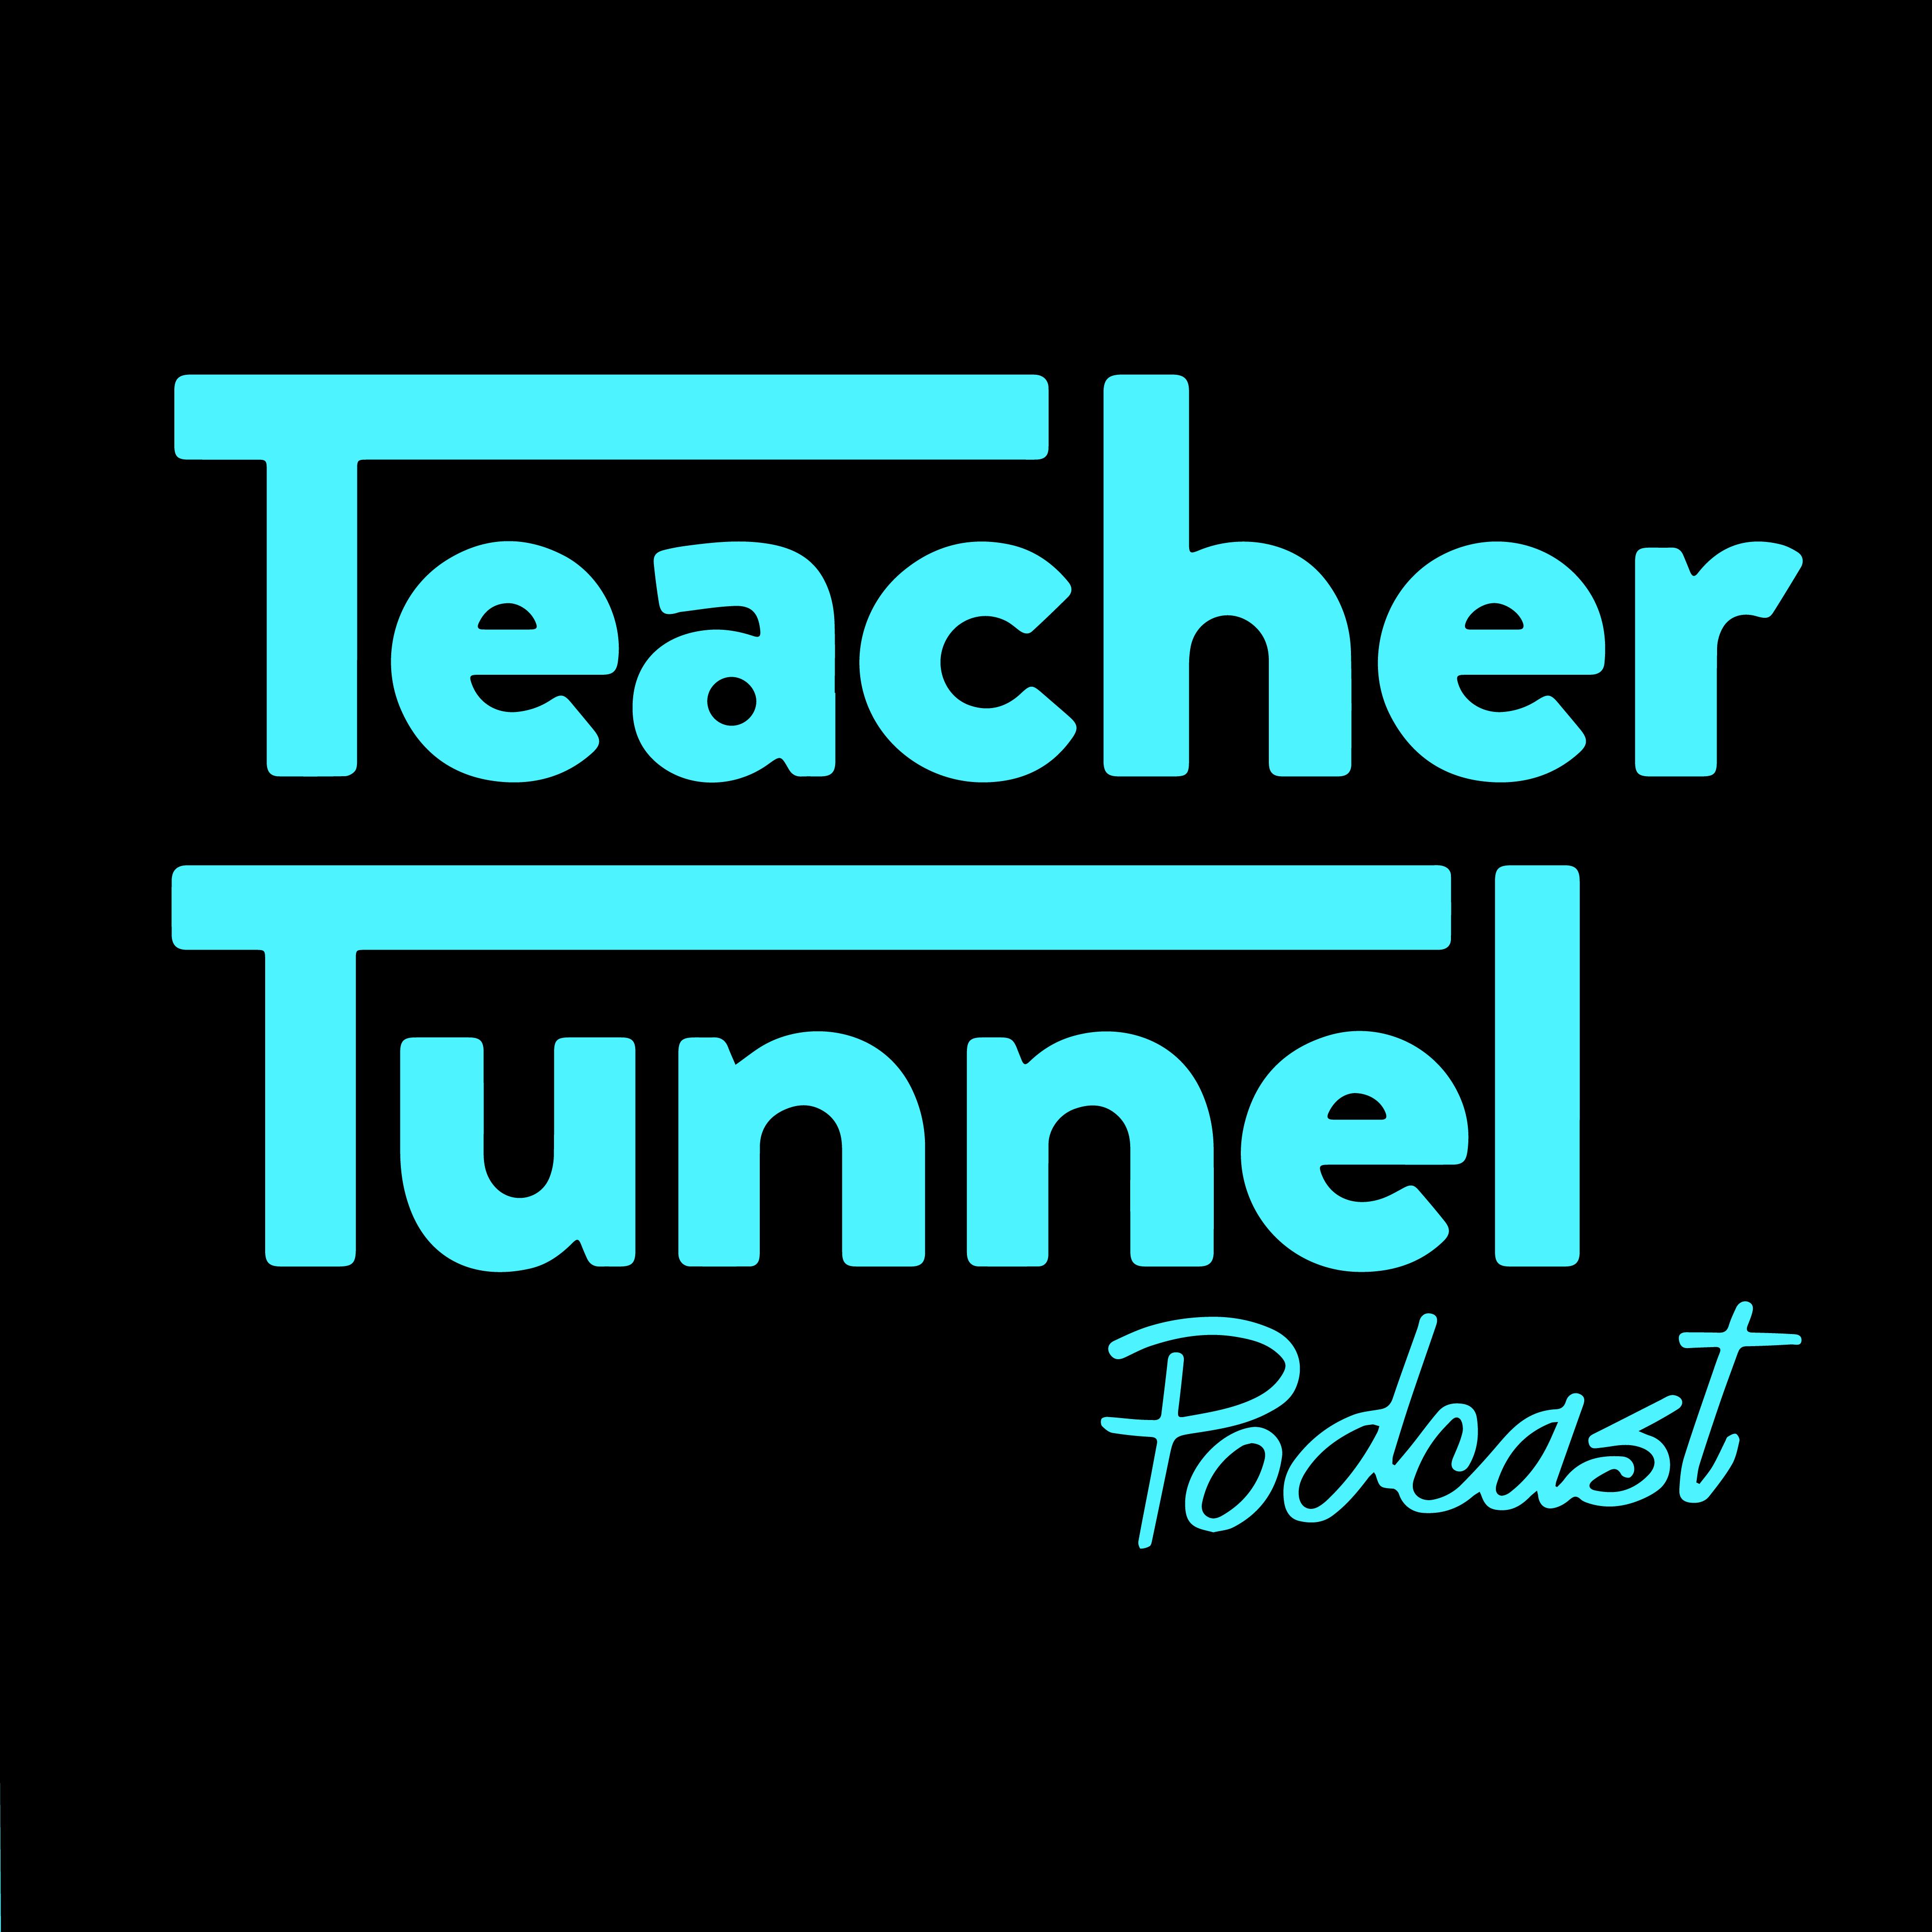 The Teacher Tunnel Podcast show art